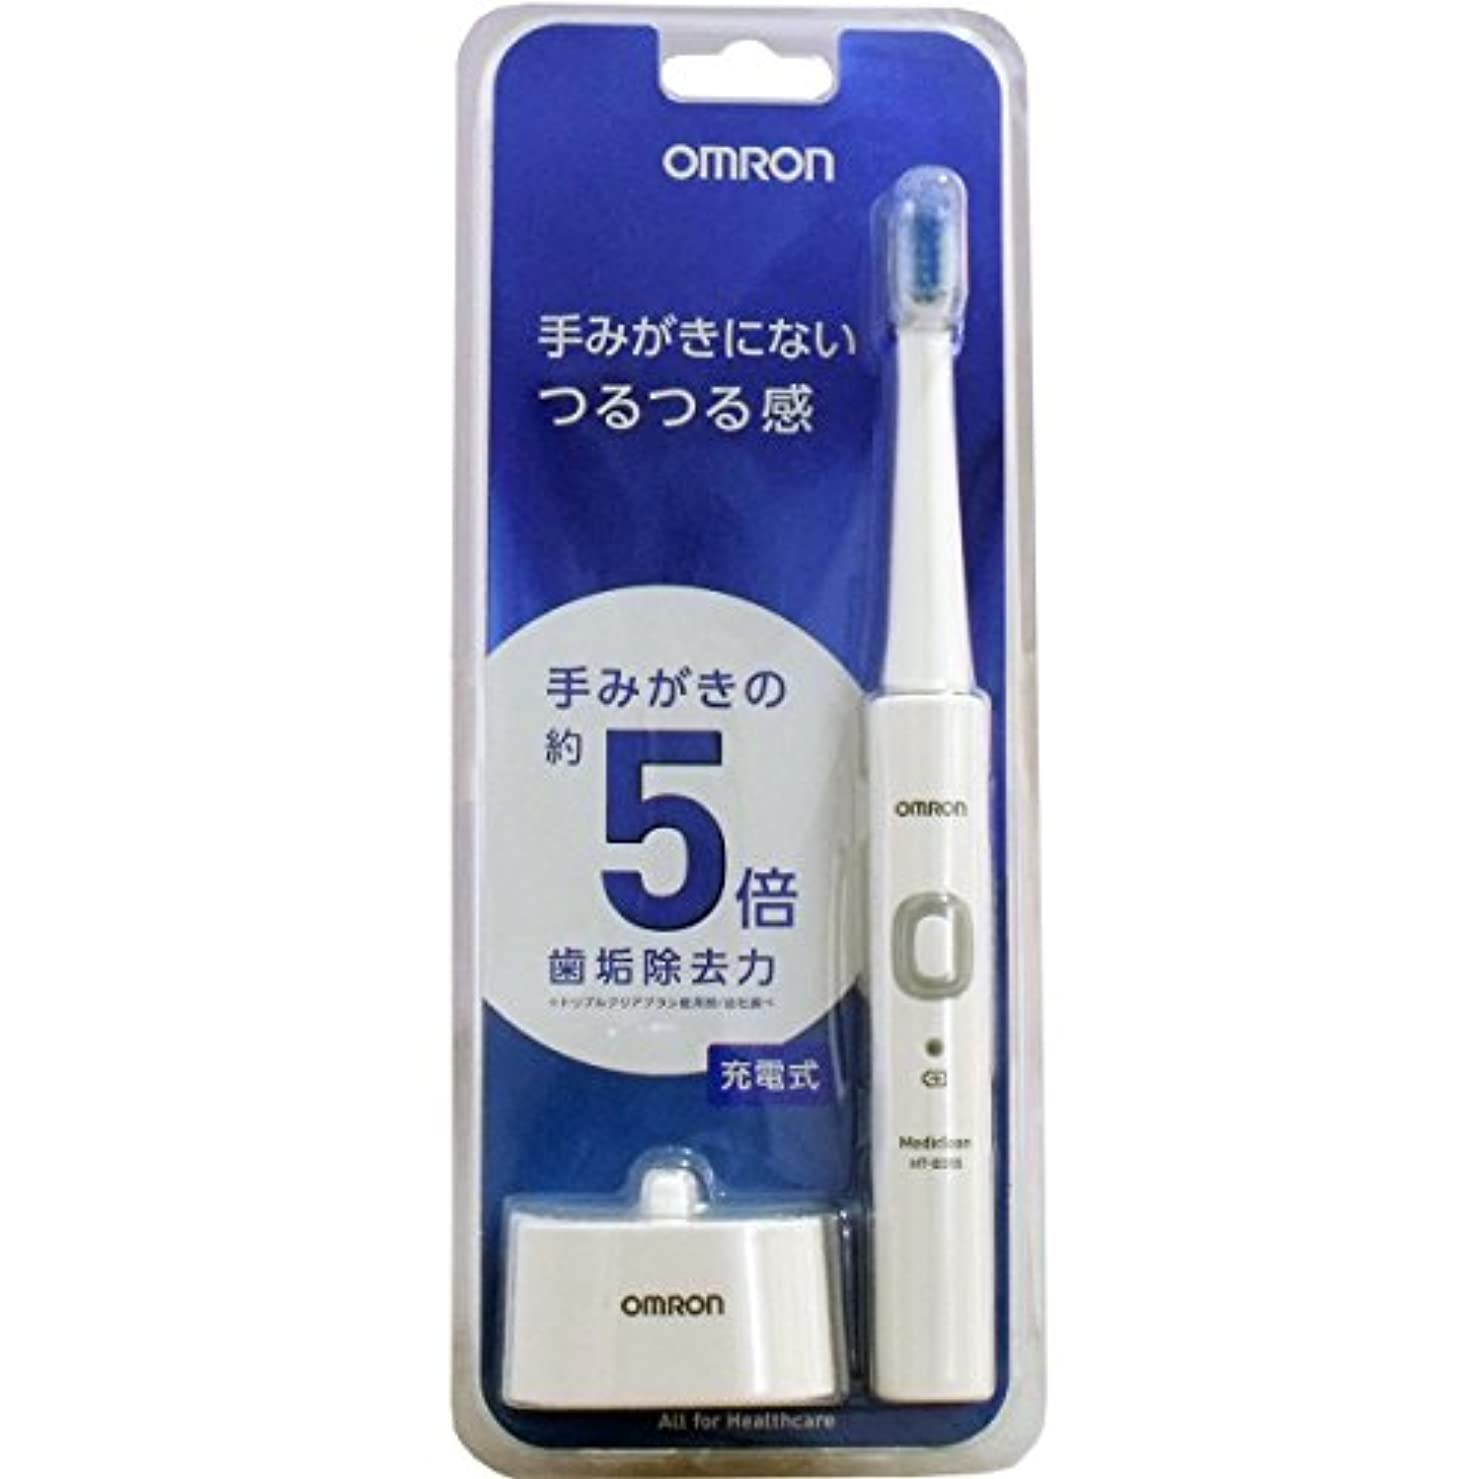 小麦粉嵐が丘ボーダーオムロン電動歯ブラシHT-B305-W